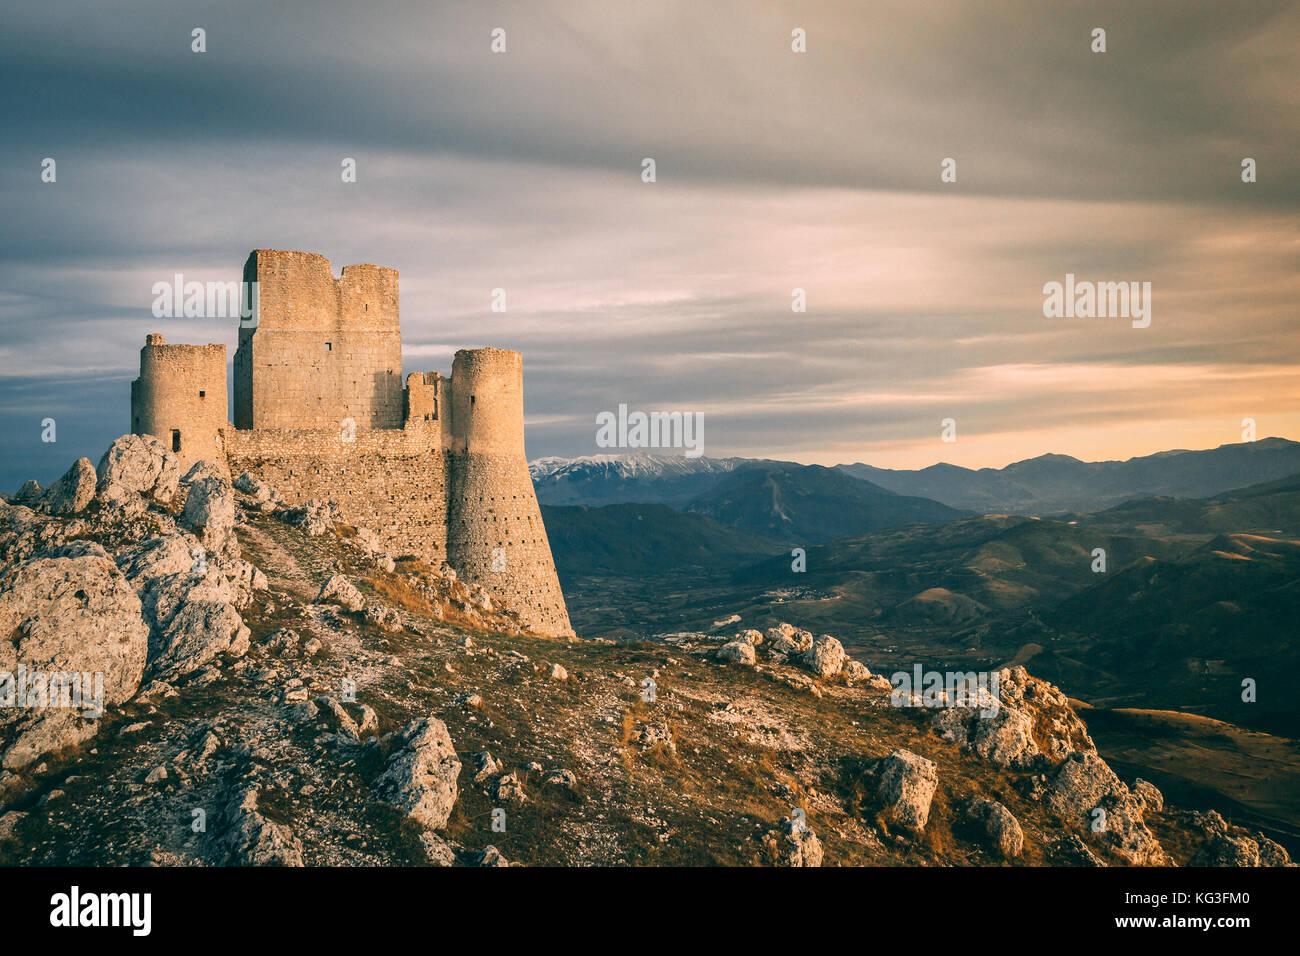 Le dolci colline dell'appennino mountain range come visto dalla Rocca Calascio, dotate di santa maria della Immagini Stock